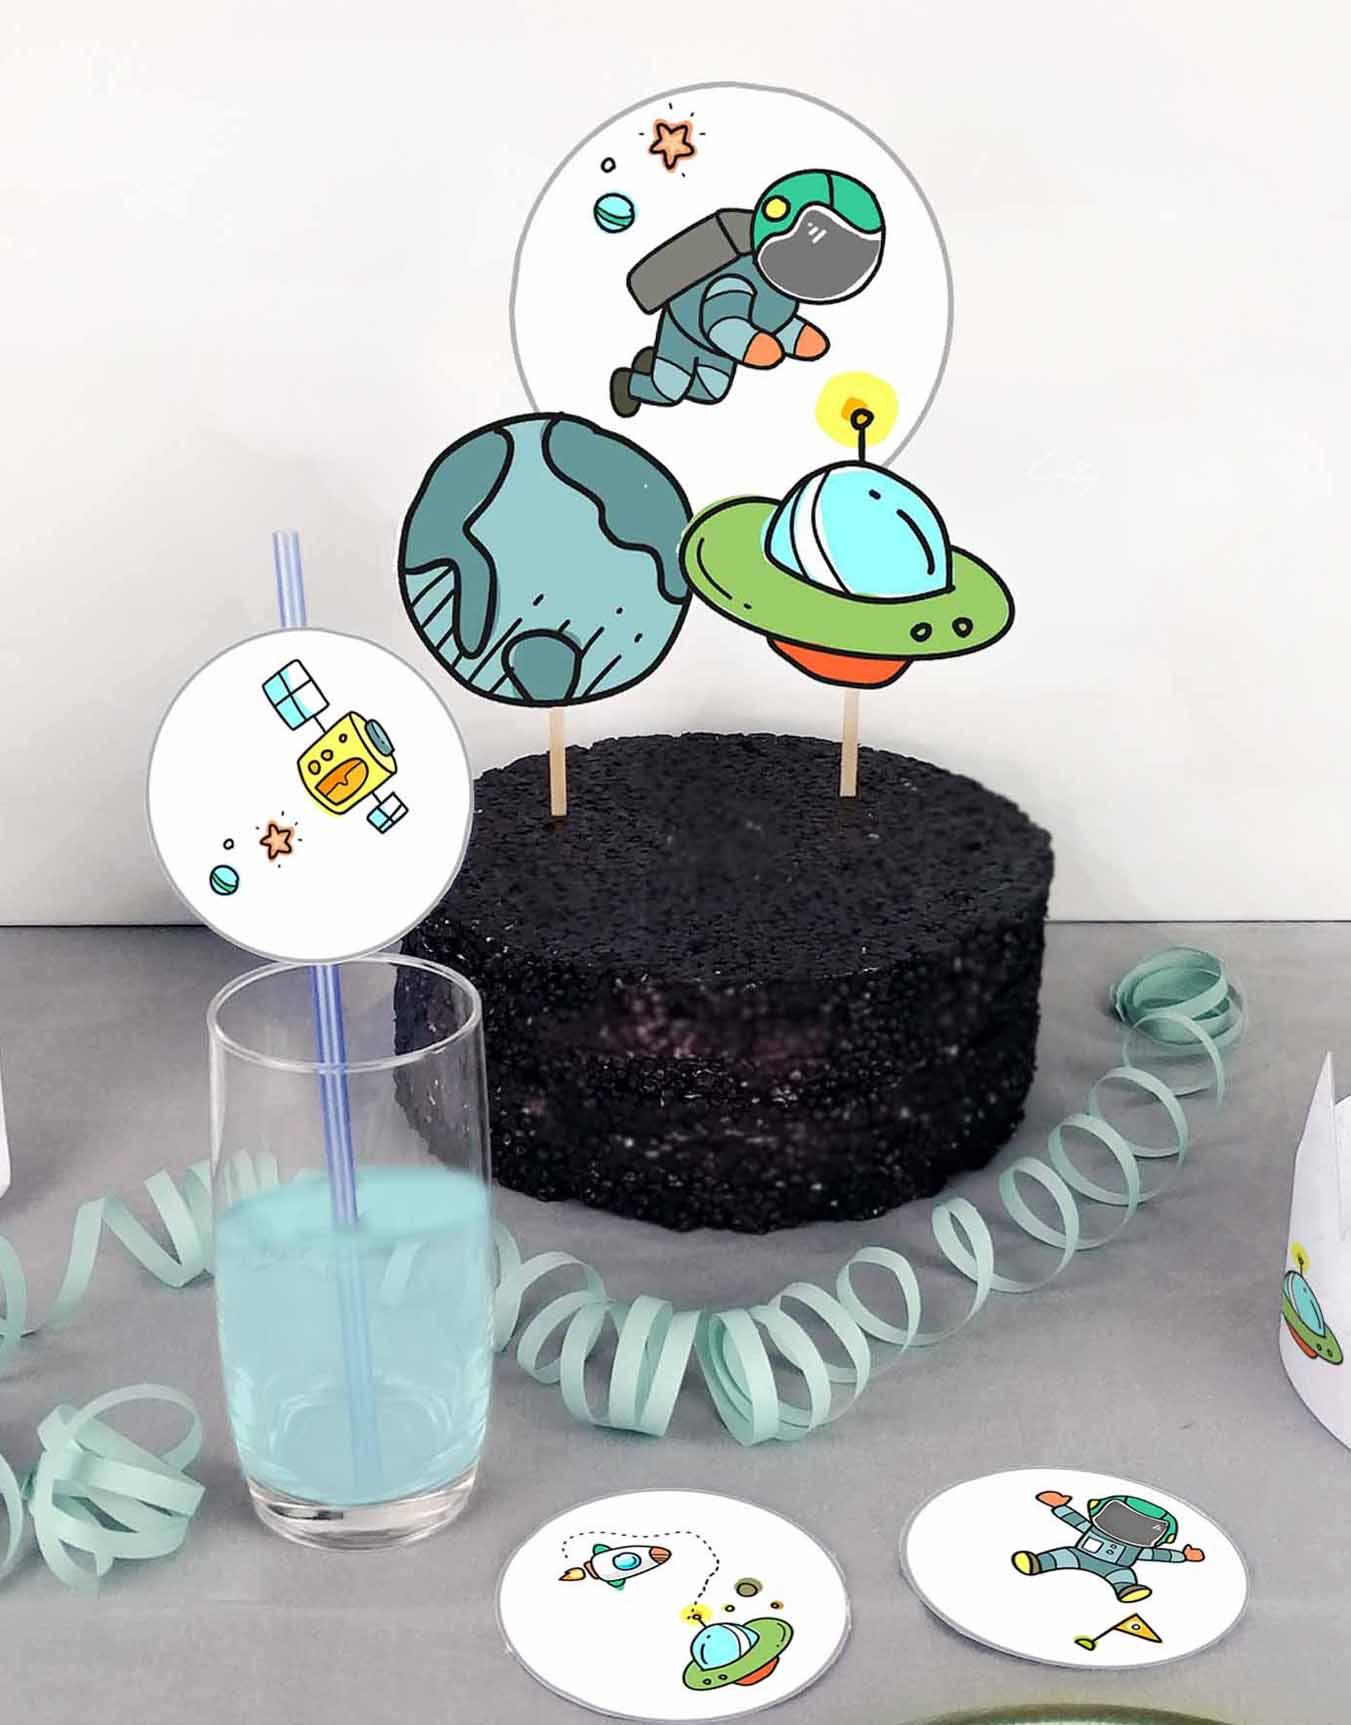 Druckvorlagen für einen selbst gebastelten Motto Cake Topper mit Astronaut